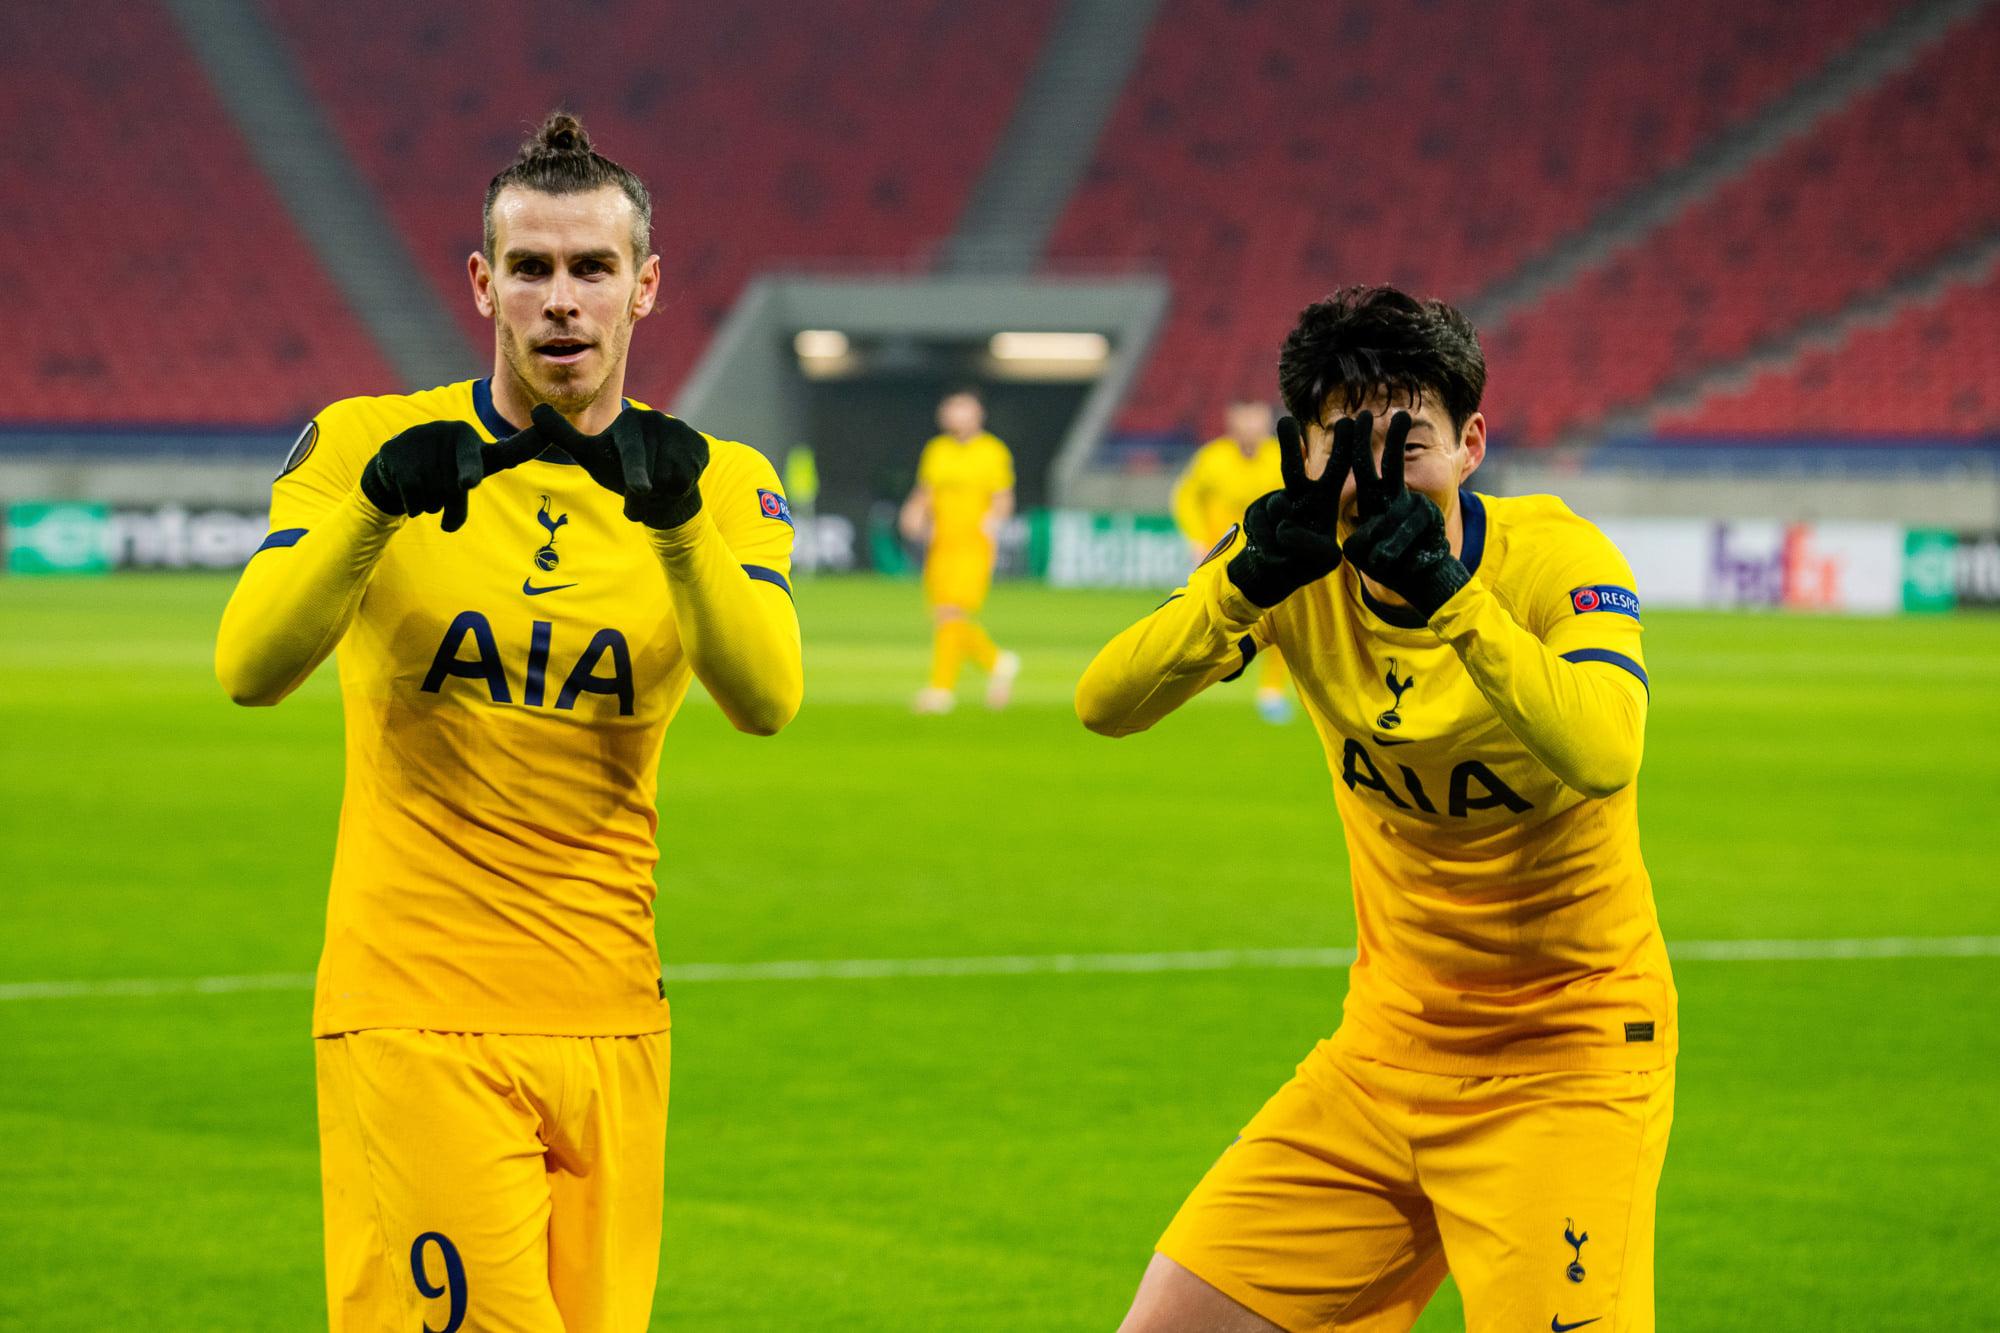 WAC AC vs Tottenham Hotspur EL match February 18, 2021